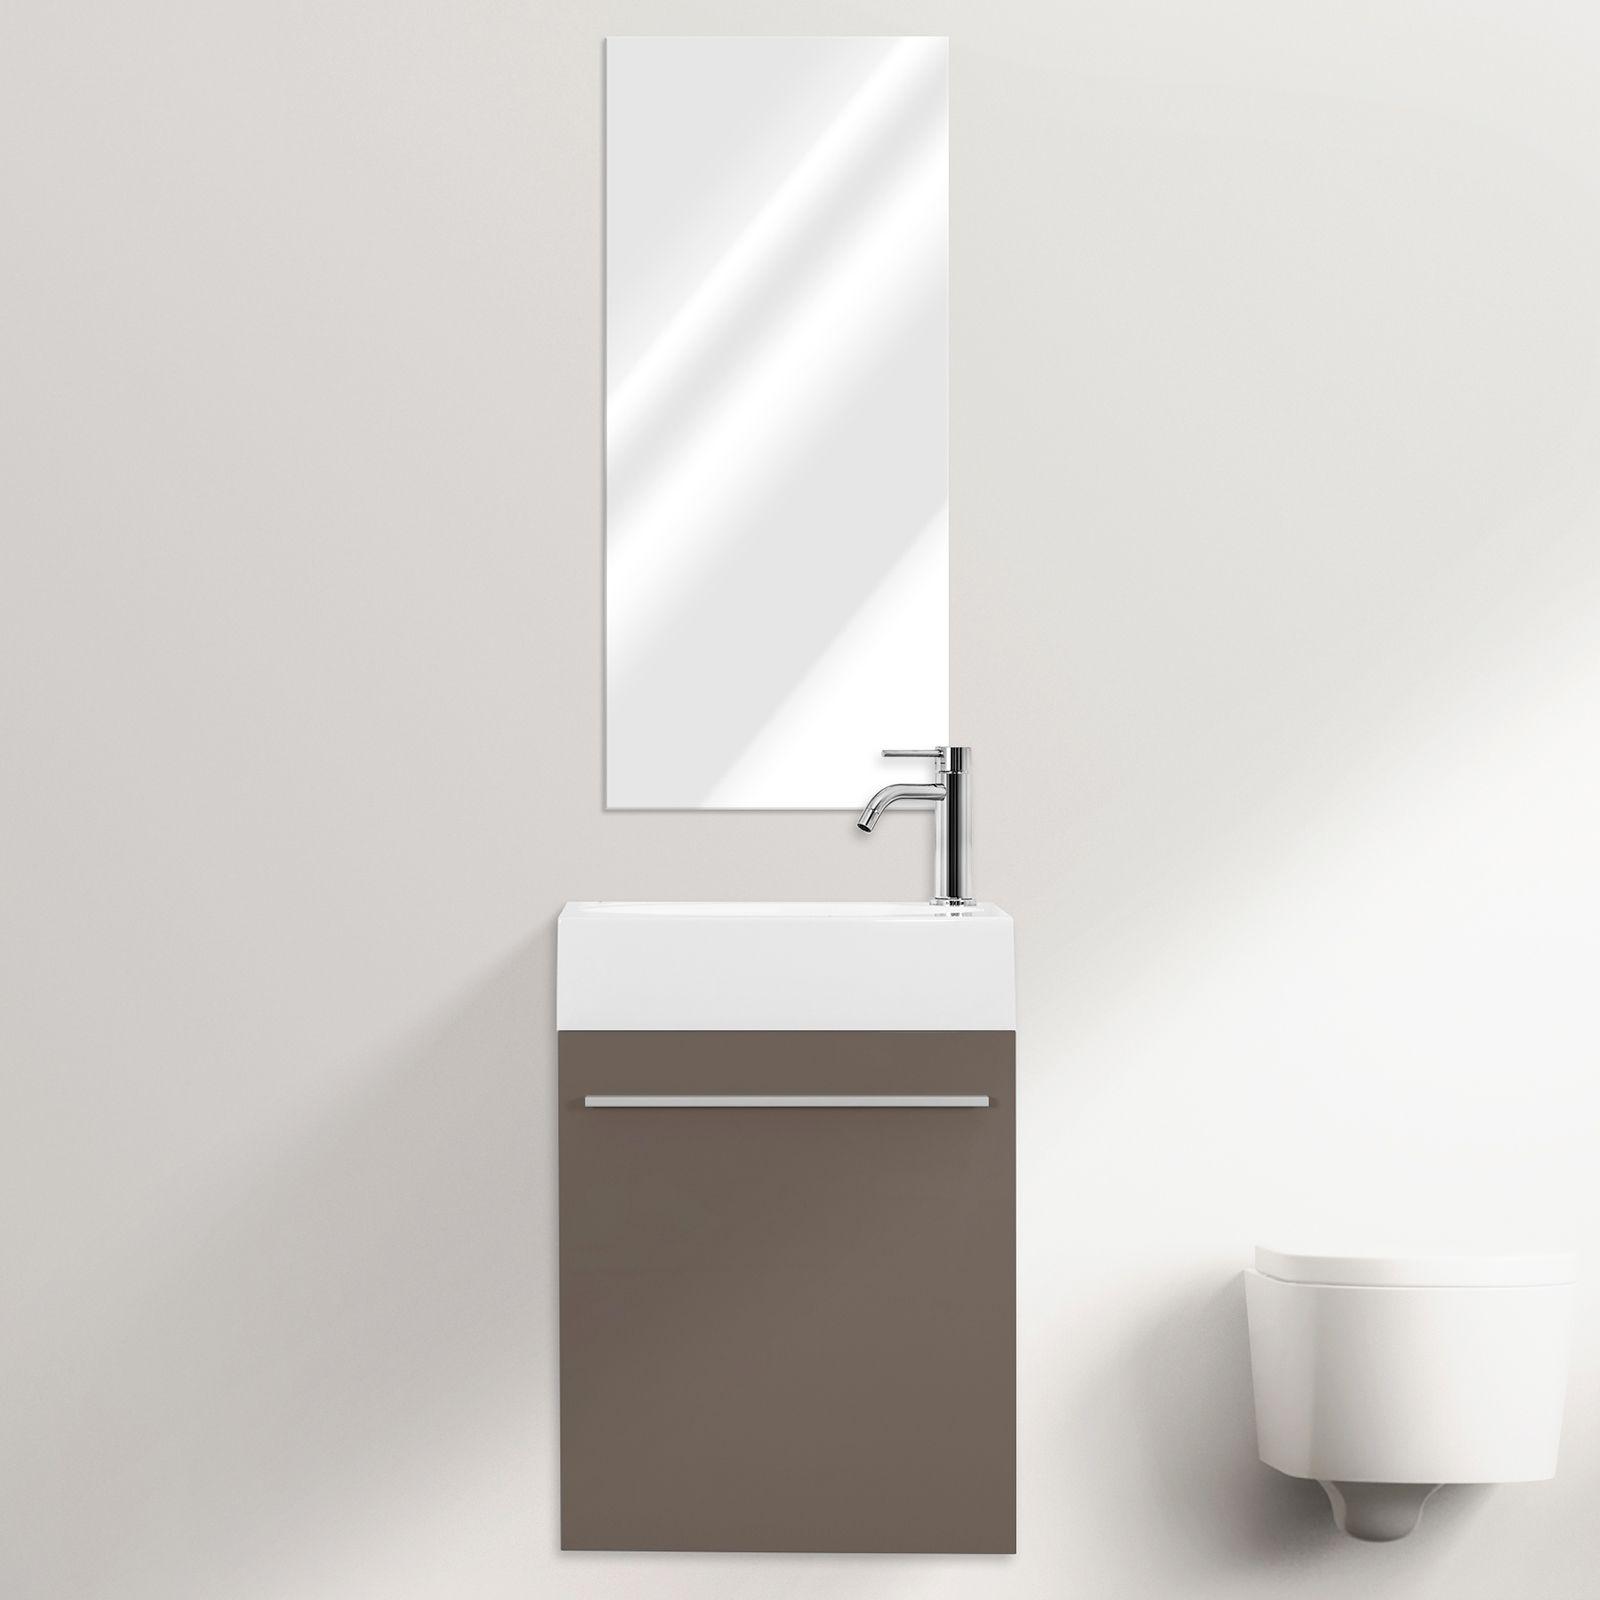 Mobile bagno sospeso karma cm 46 specchiera bianco grigio for Mobile bagno salvaspazio